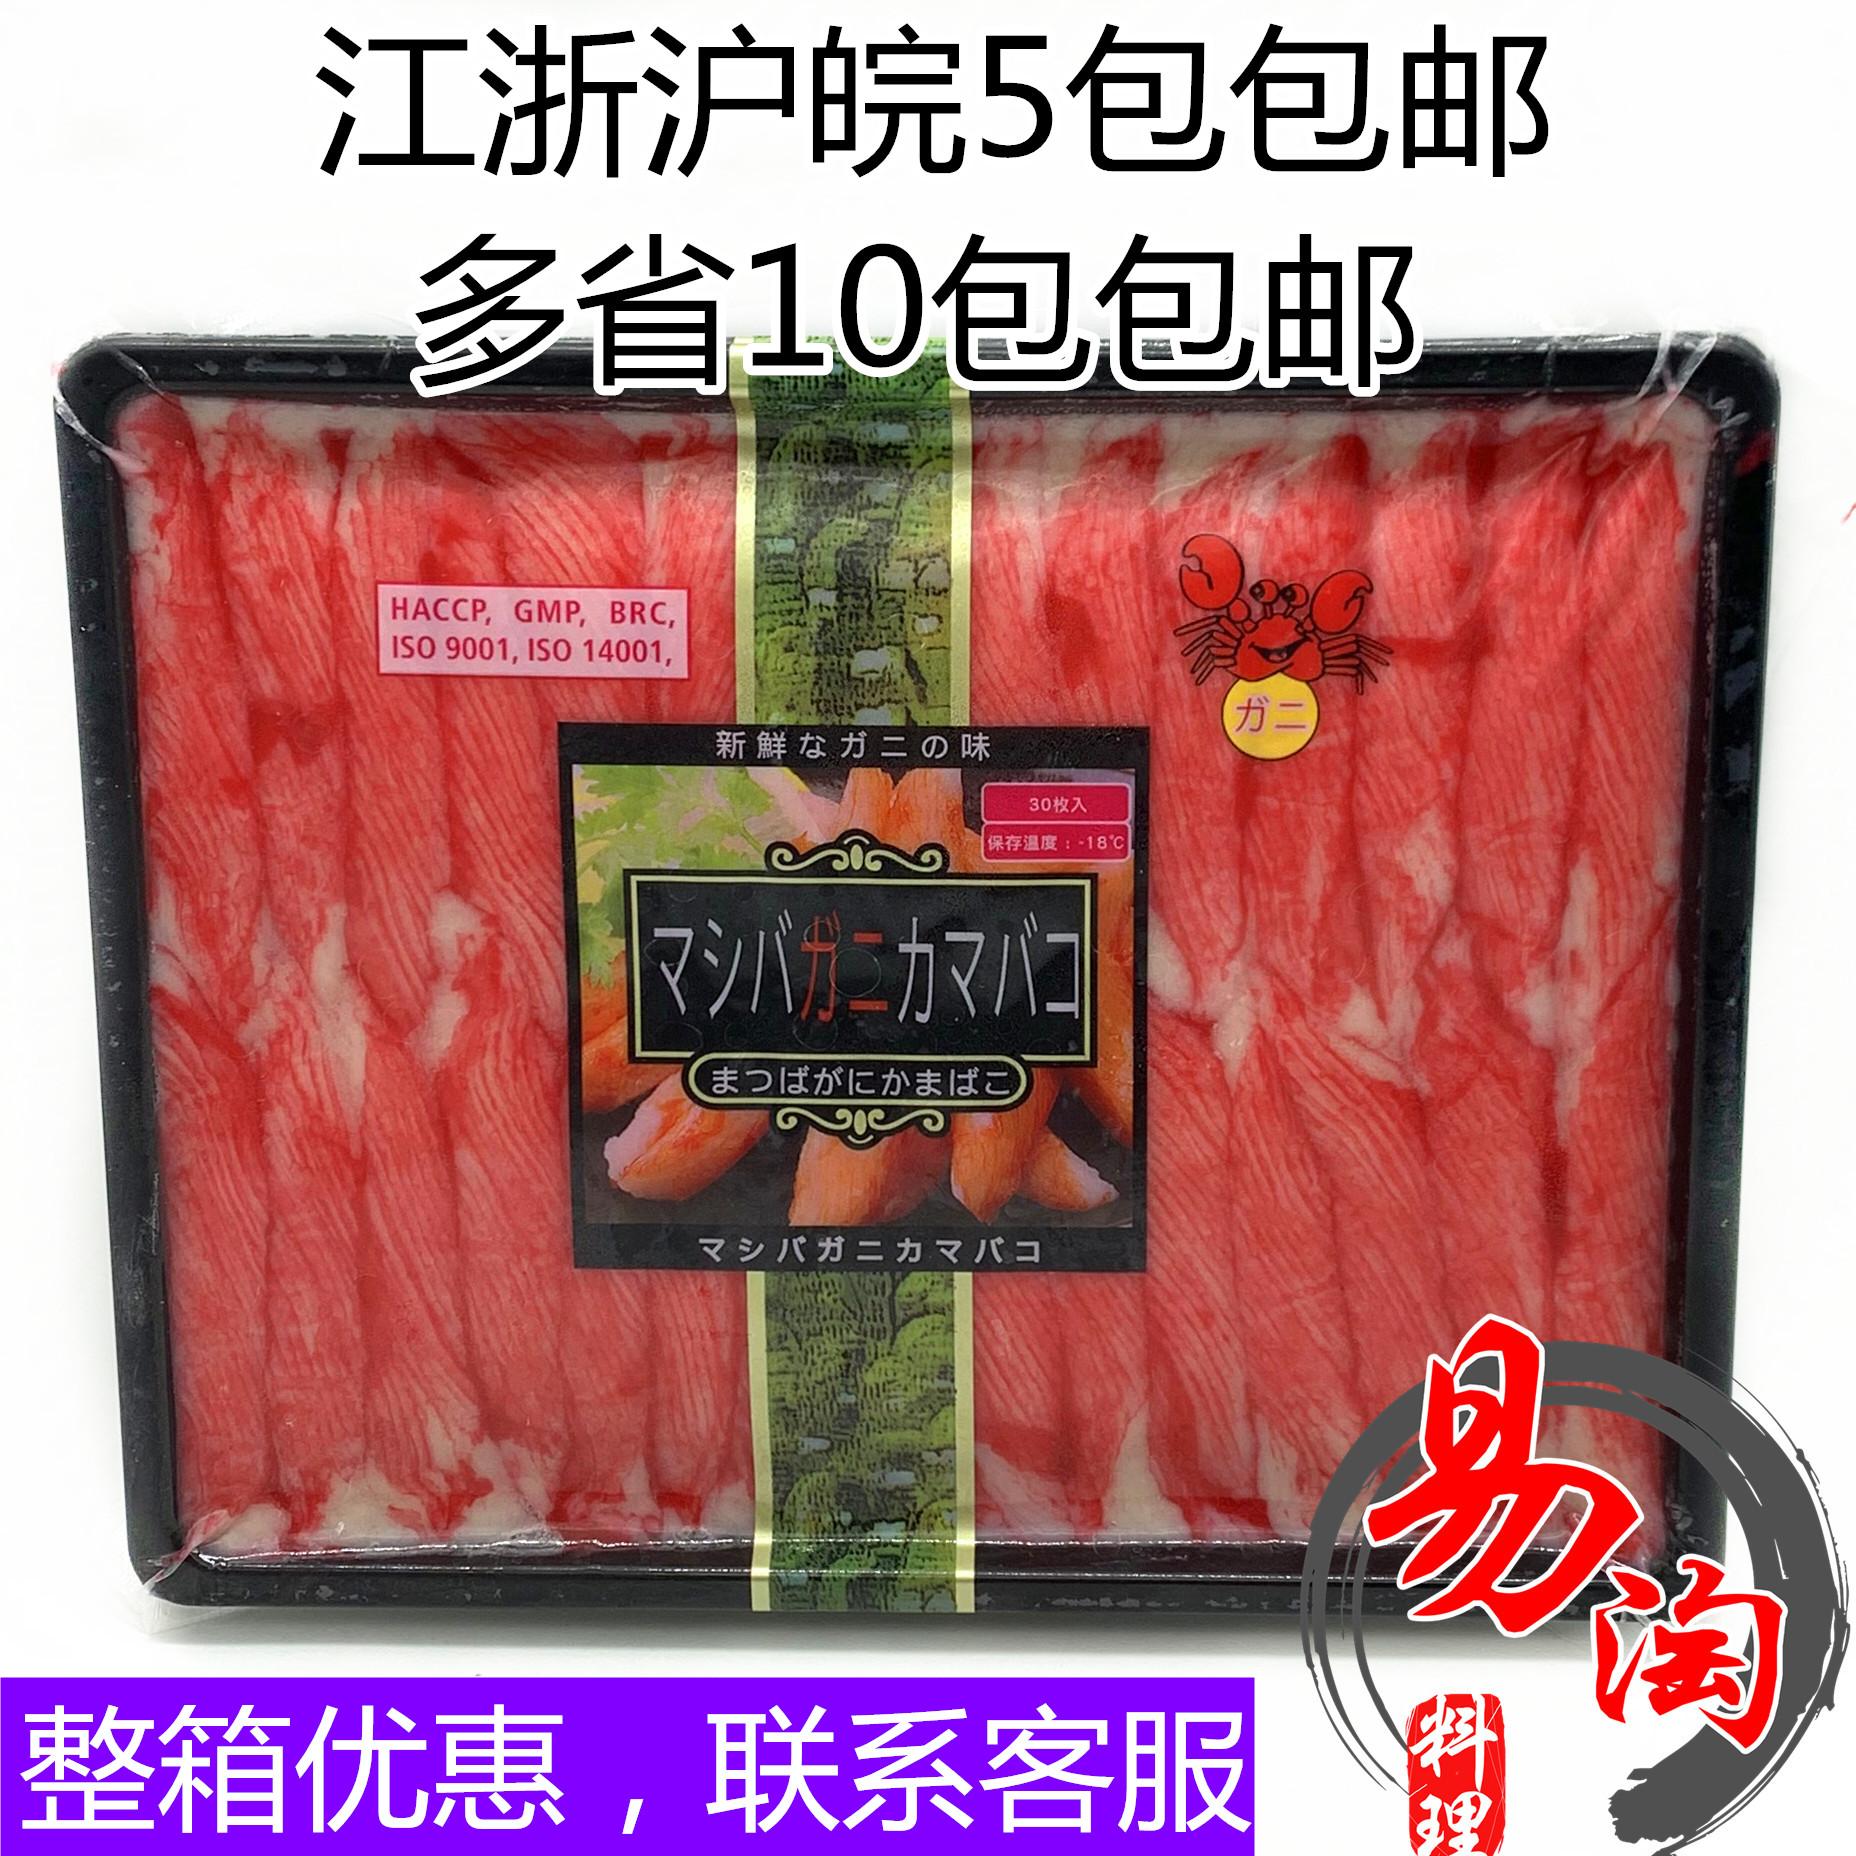 泰国蟹柳 松叶蟹柳 蟹柳寿司用 情口松叶蟹柳解冻即食270g30条